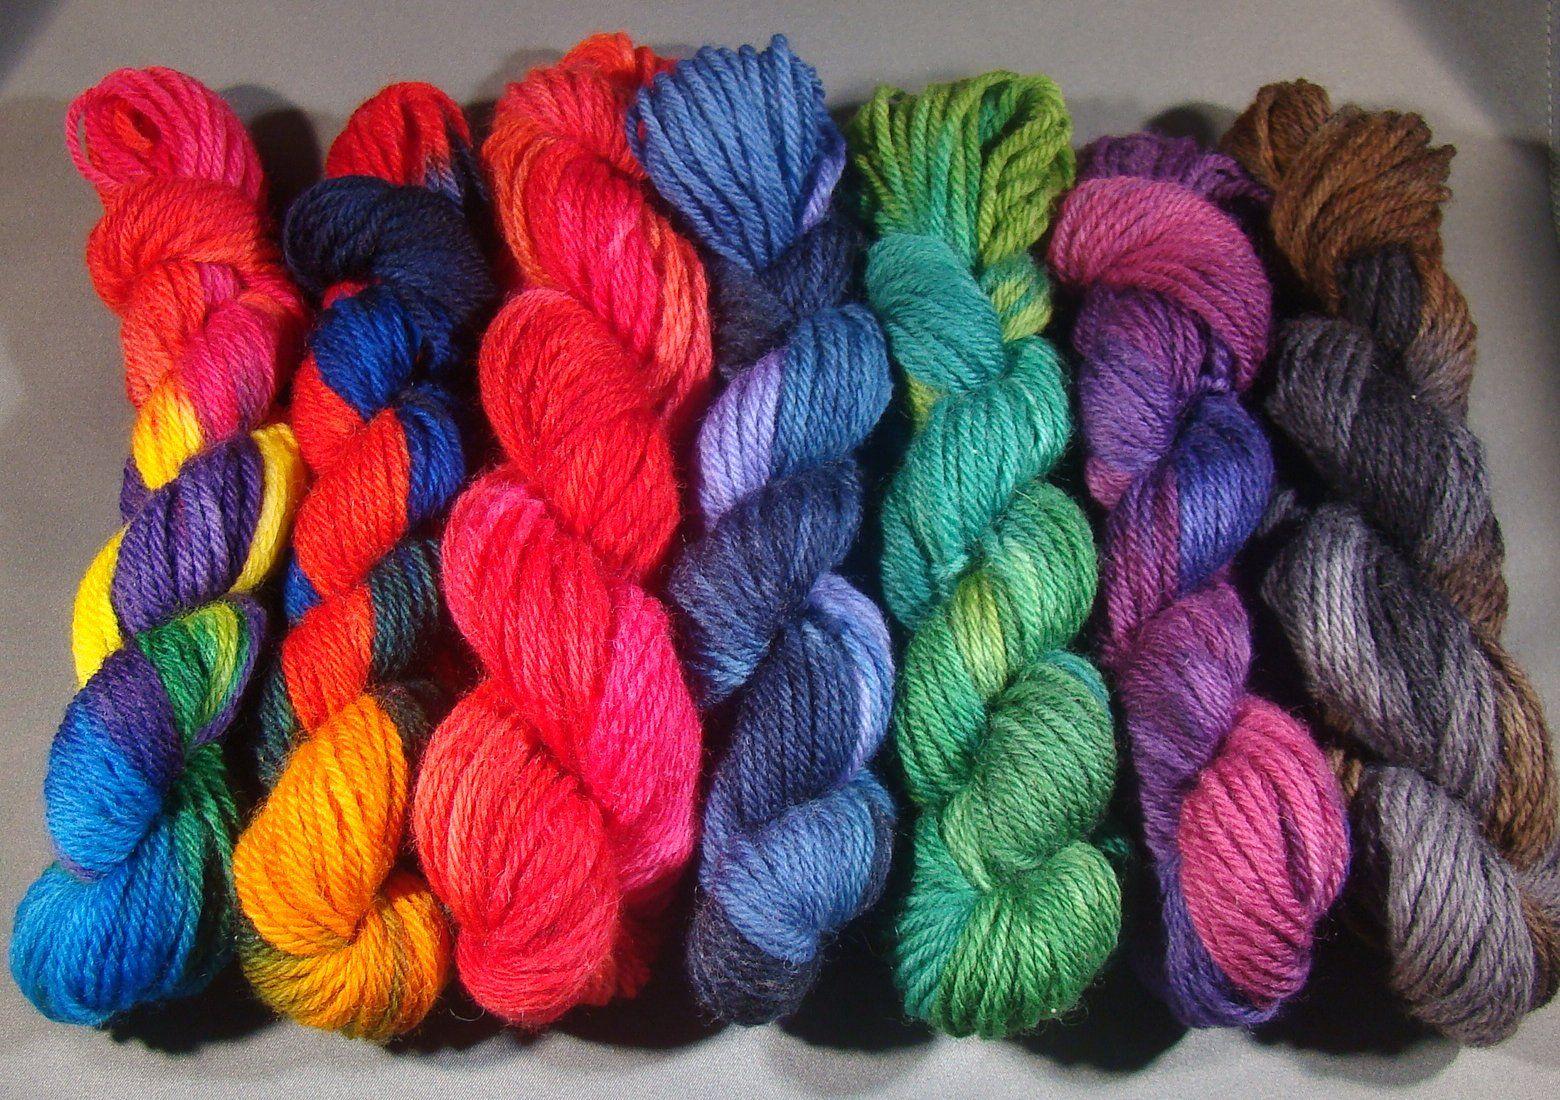 Full Of Color Yarn Addict Hand Dyed Yarn Yarn